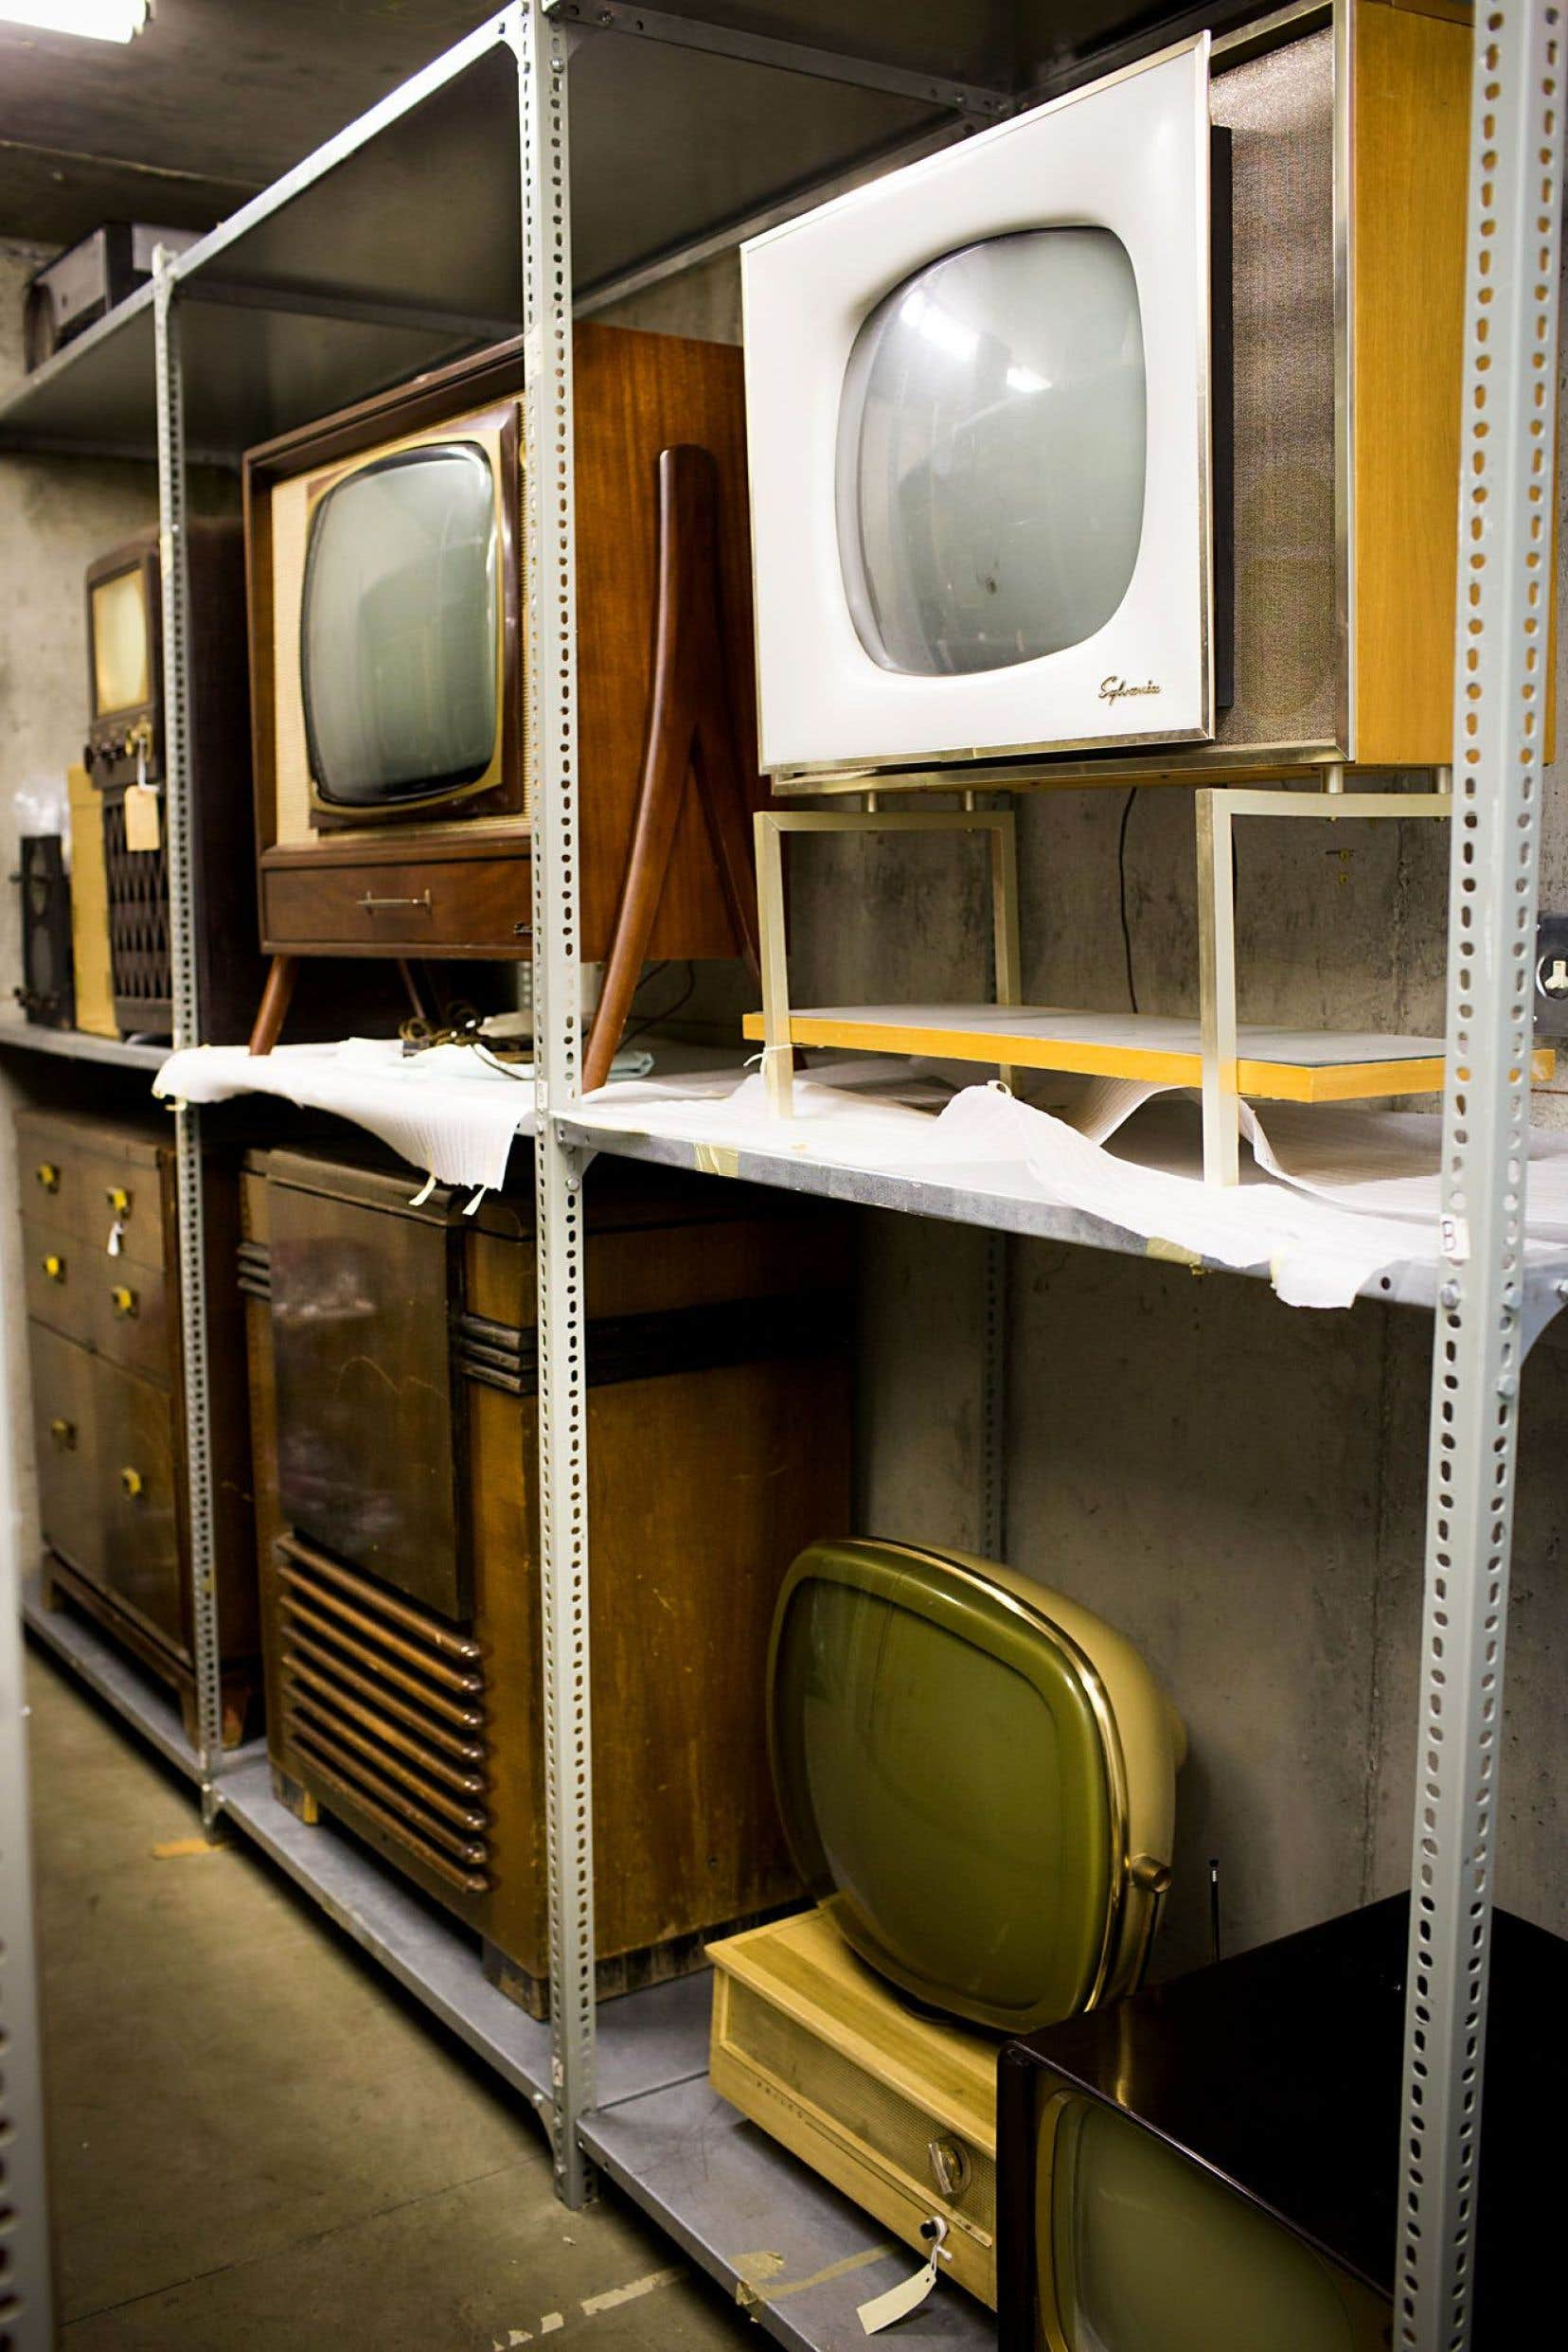 La Cinémathèque québécoise conserve entre autres 50000 films et vidéos, 2000 appareils anciens, 50000livres, 15000 scénarios, 30000 émissions télé, sans compter le reste.